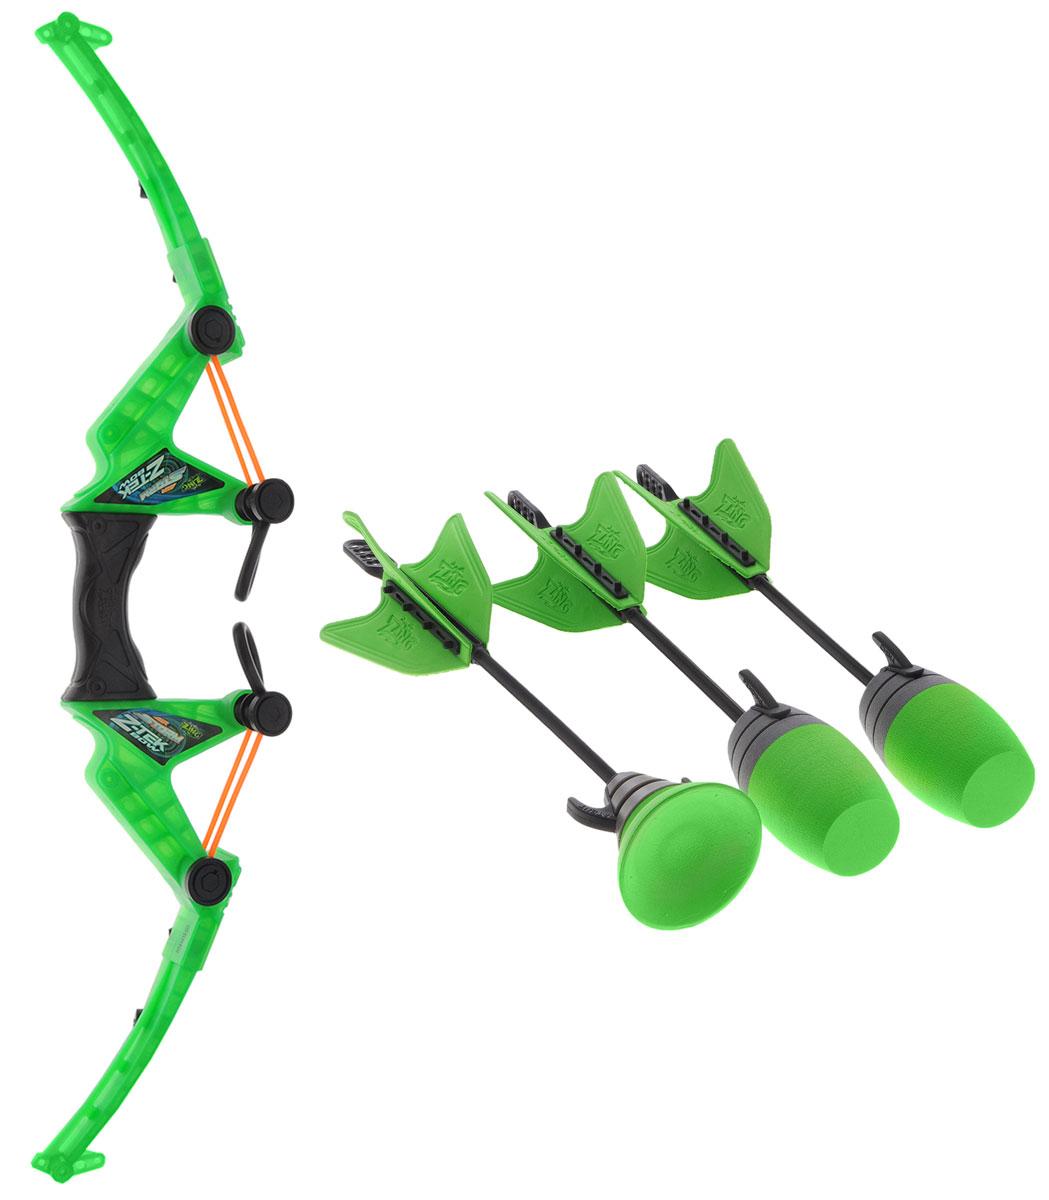 Zing Игровой набор Z-Tek BowAS979Игровой набор Zing Z-Tek Bow серии Air Storm - это замечательный набор, включающий мощный ультрасовременный лук и три стрелы. Две стрелы с мягким наконечником и одна стрела с присоской. Игра удивительно проста и увлекательна - для того чтобы запустить стрелу в воздух, необходимо, зацепив стрелу за резиновые петли, одной рукой ухватится за ручку лука, а другой оттянуть стрелу назад. Когда резиновая петля будет натянута достаточно сильно, прицеливайтесь и отпускайте стрелу. Дальность стрельбы зависит от силы натяжения резинки и достигает 75 метров! Во время полета стрела с мягким наконечником издает свистящий звук за счет специального отверстия в её наконечнике. Стрелы окрашены в яркие цвета, что облегчает их поиск после выстрела. Также вы можете отслеживать траекторию полёта стрелы благодаря издаваемому ею звуку.